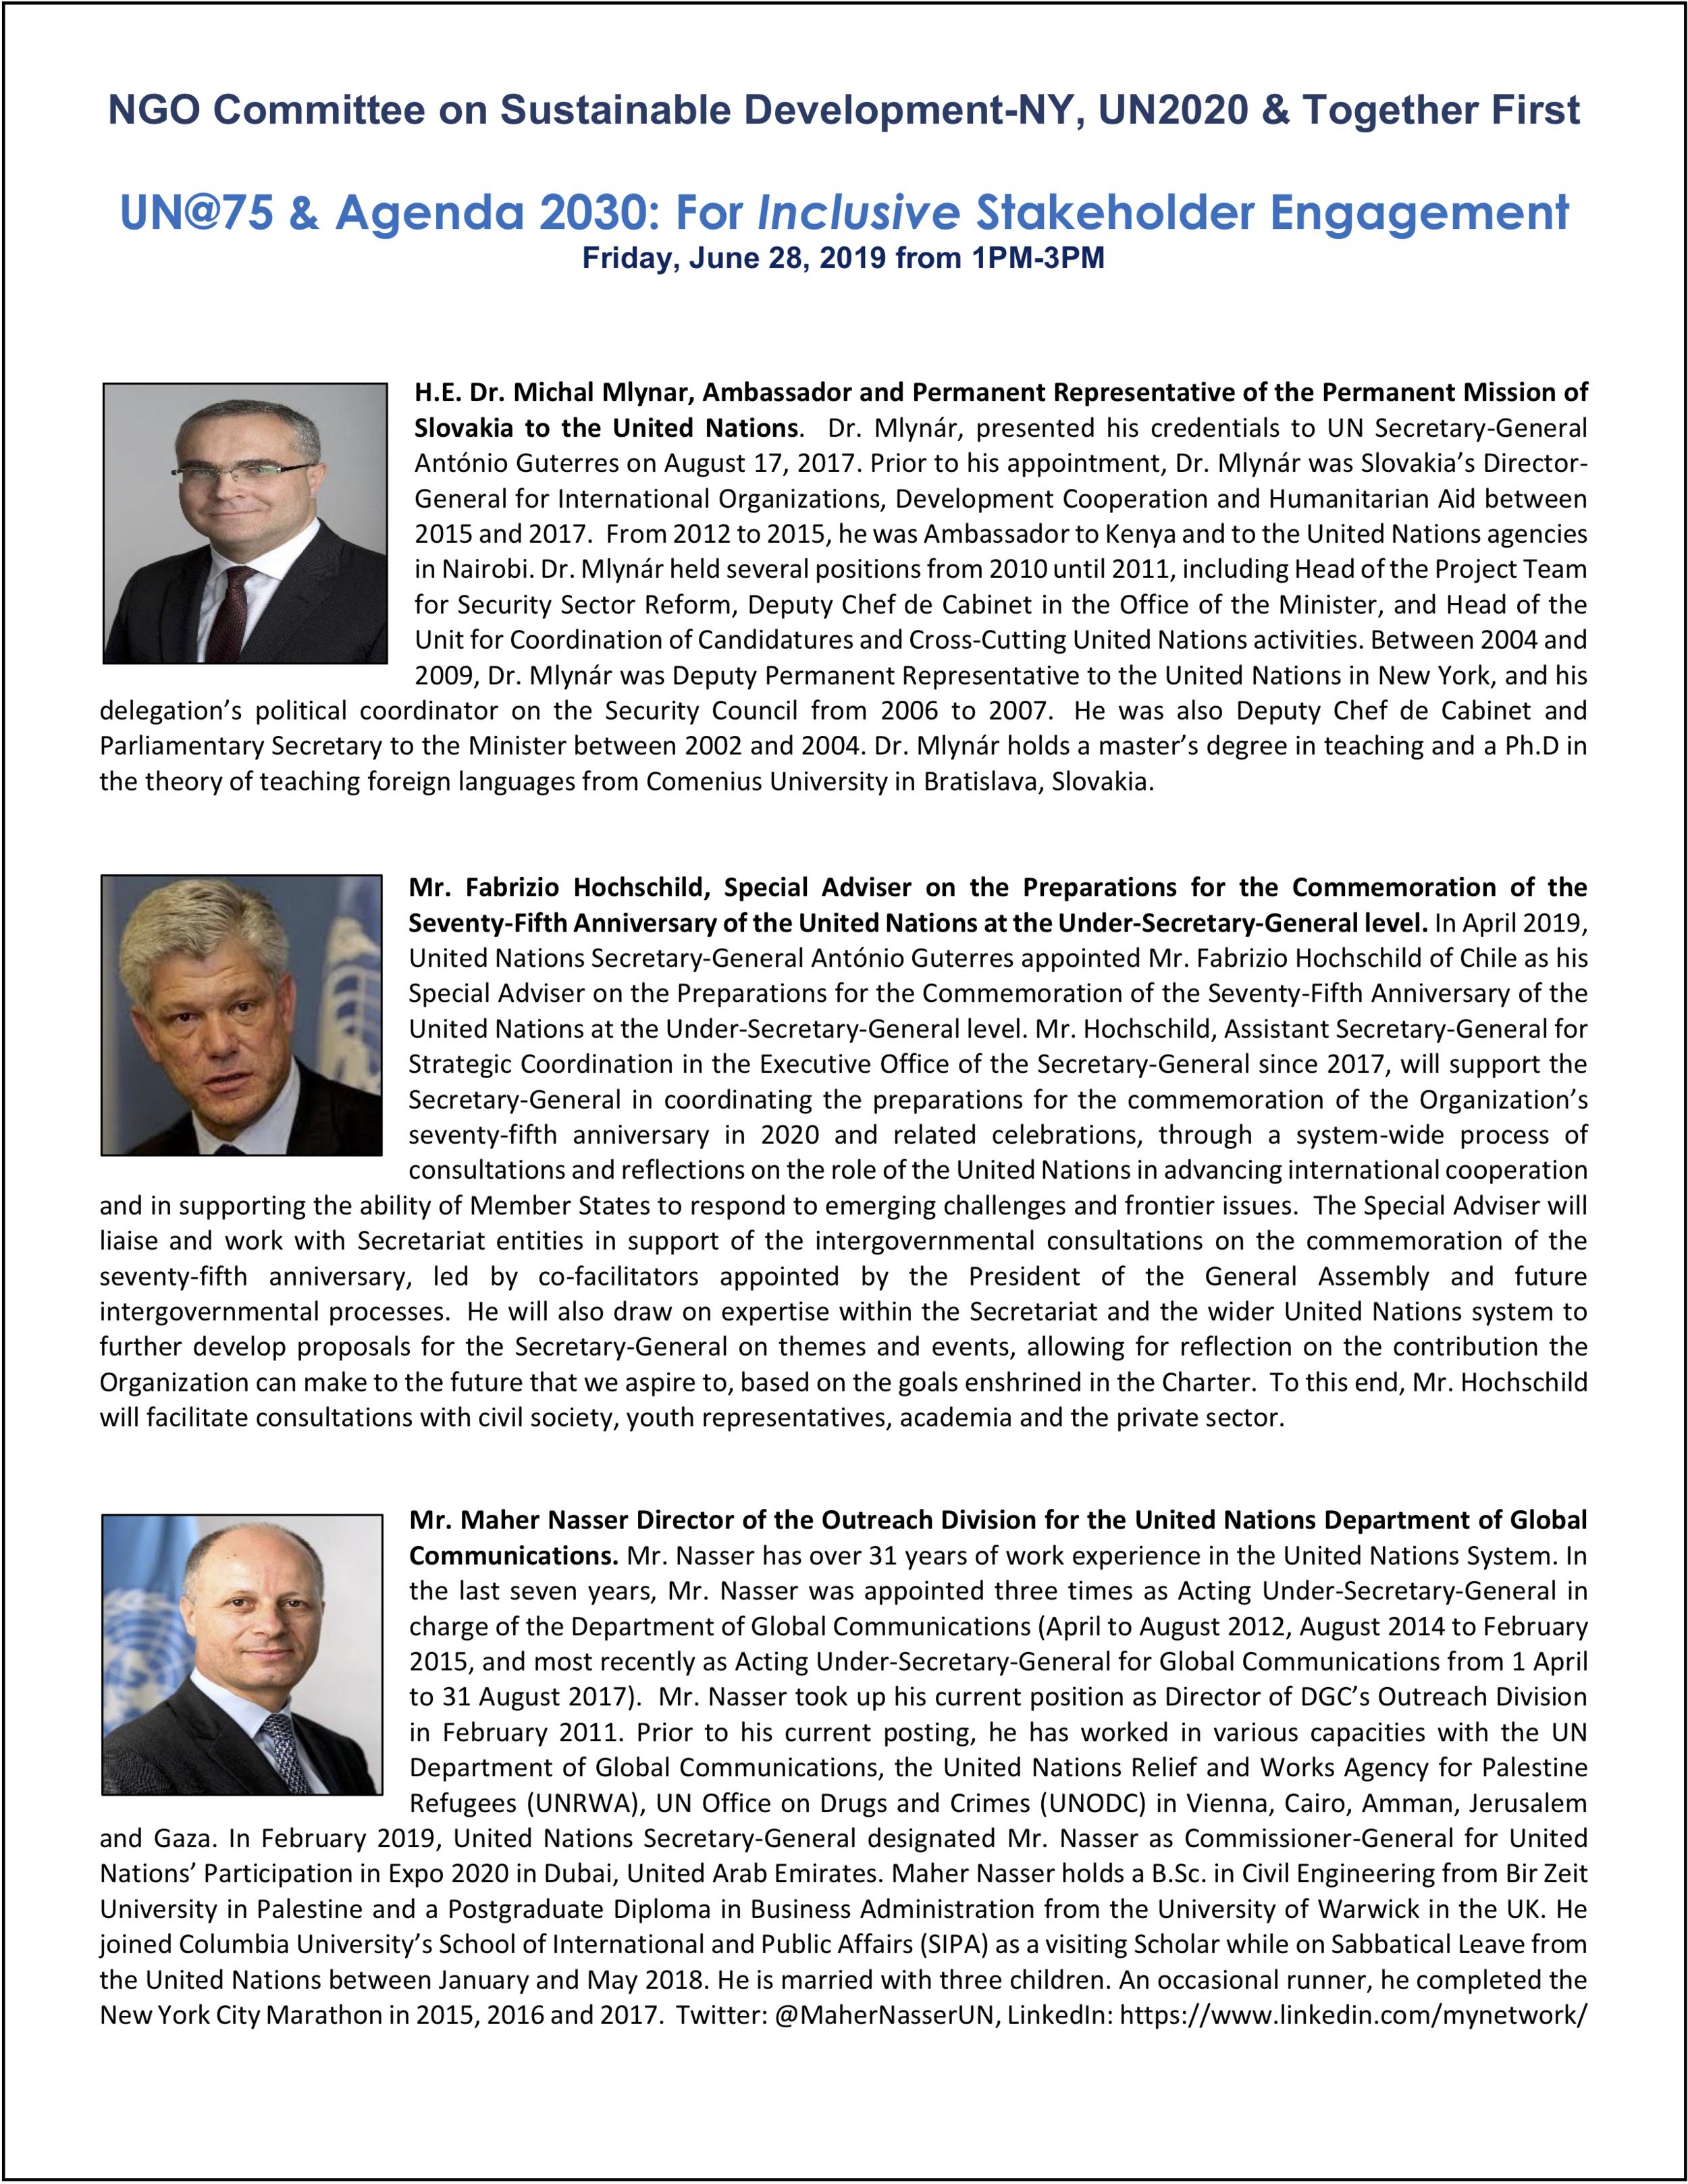 NGOCSD-NY 6-28-19 UN@75 & Agenda 2030 Photo-Bios A2.png